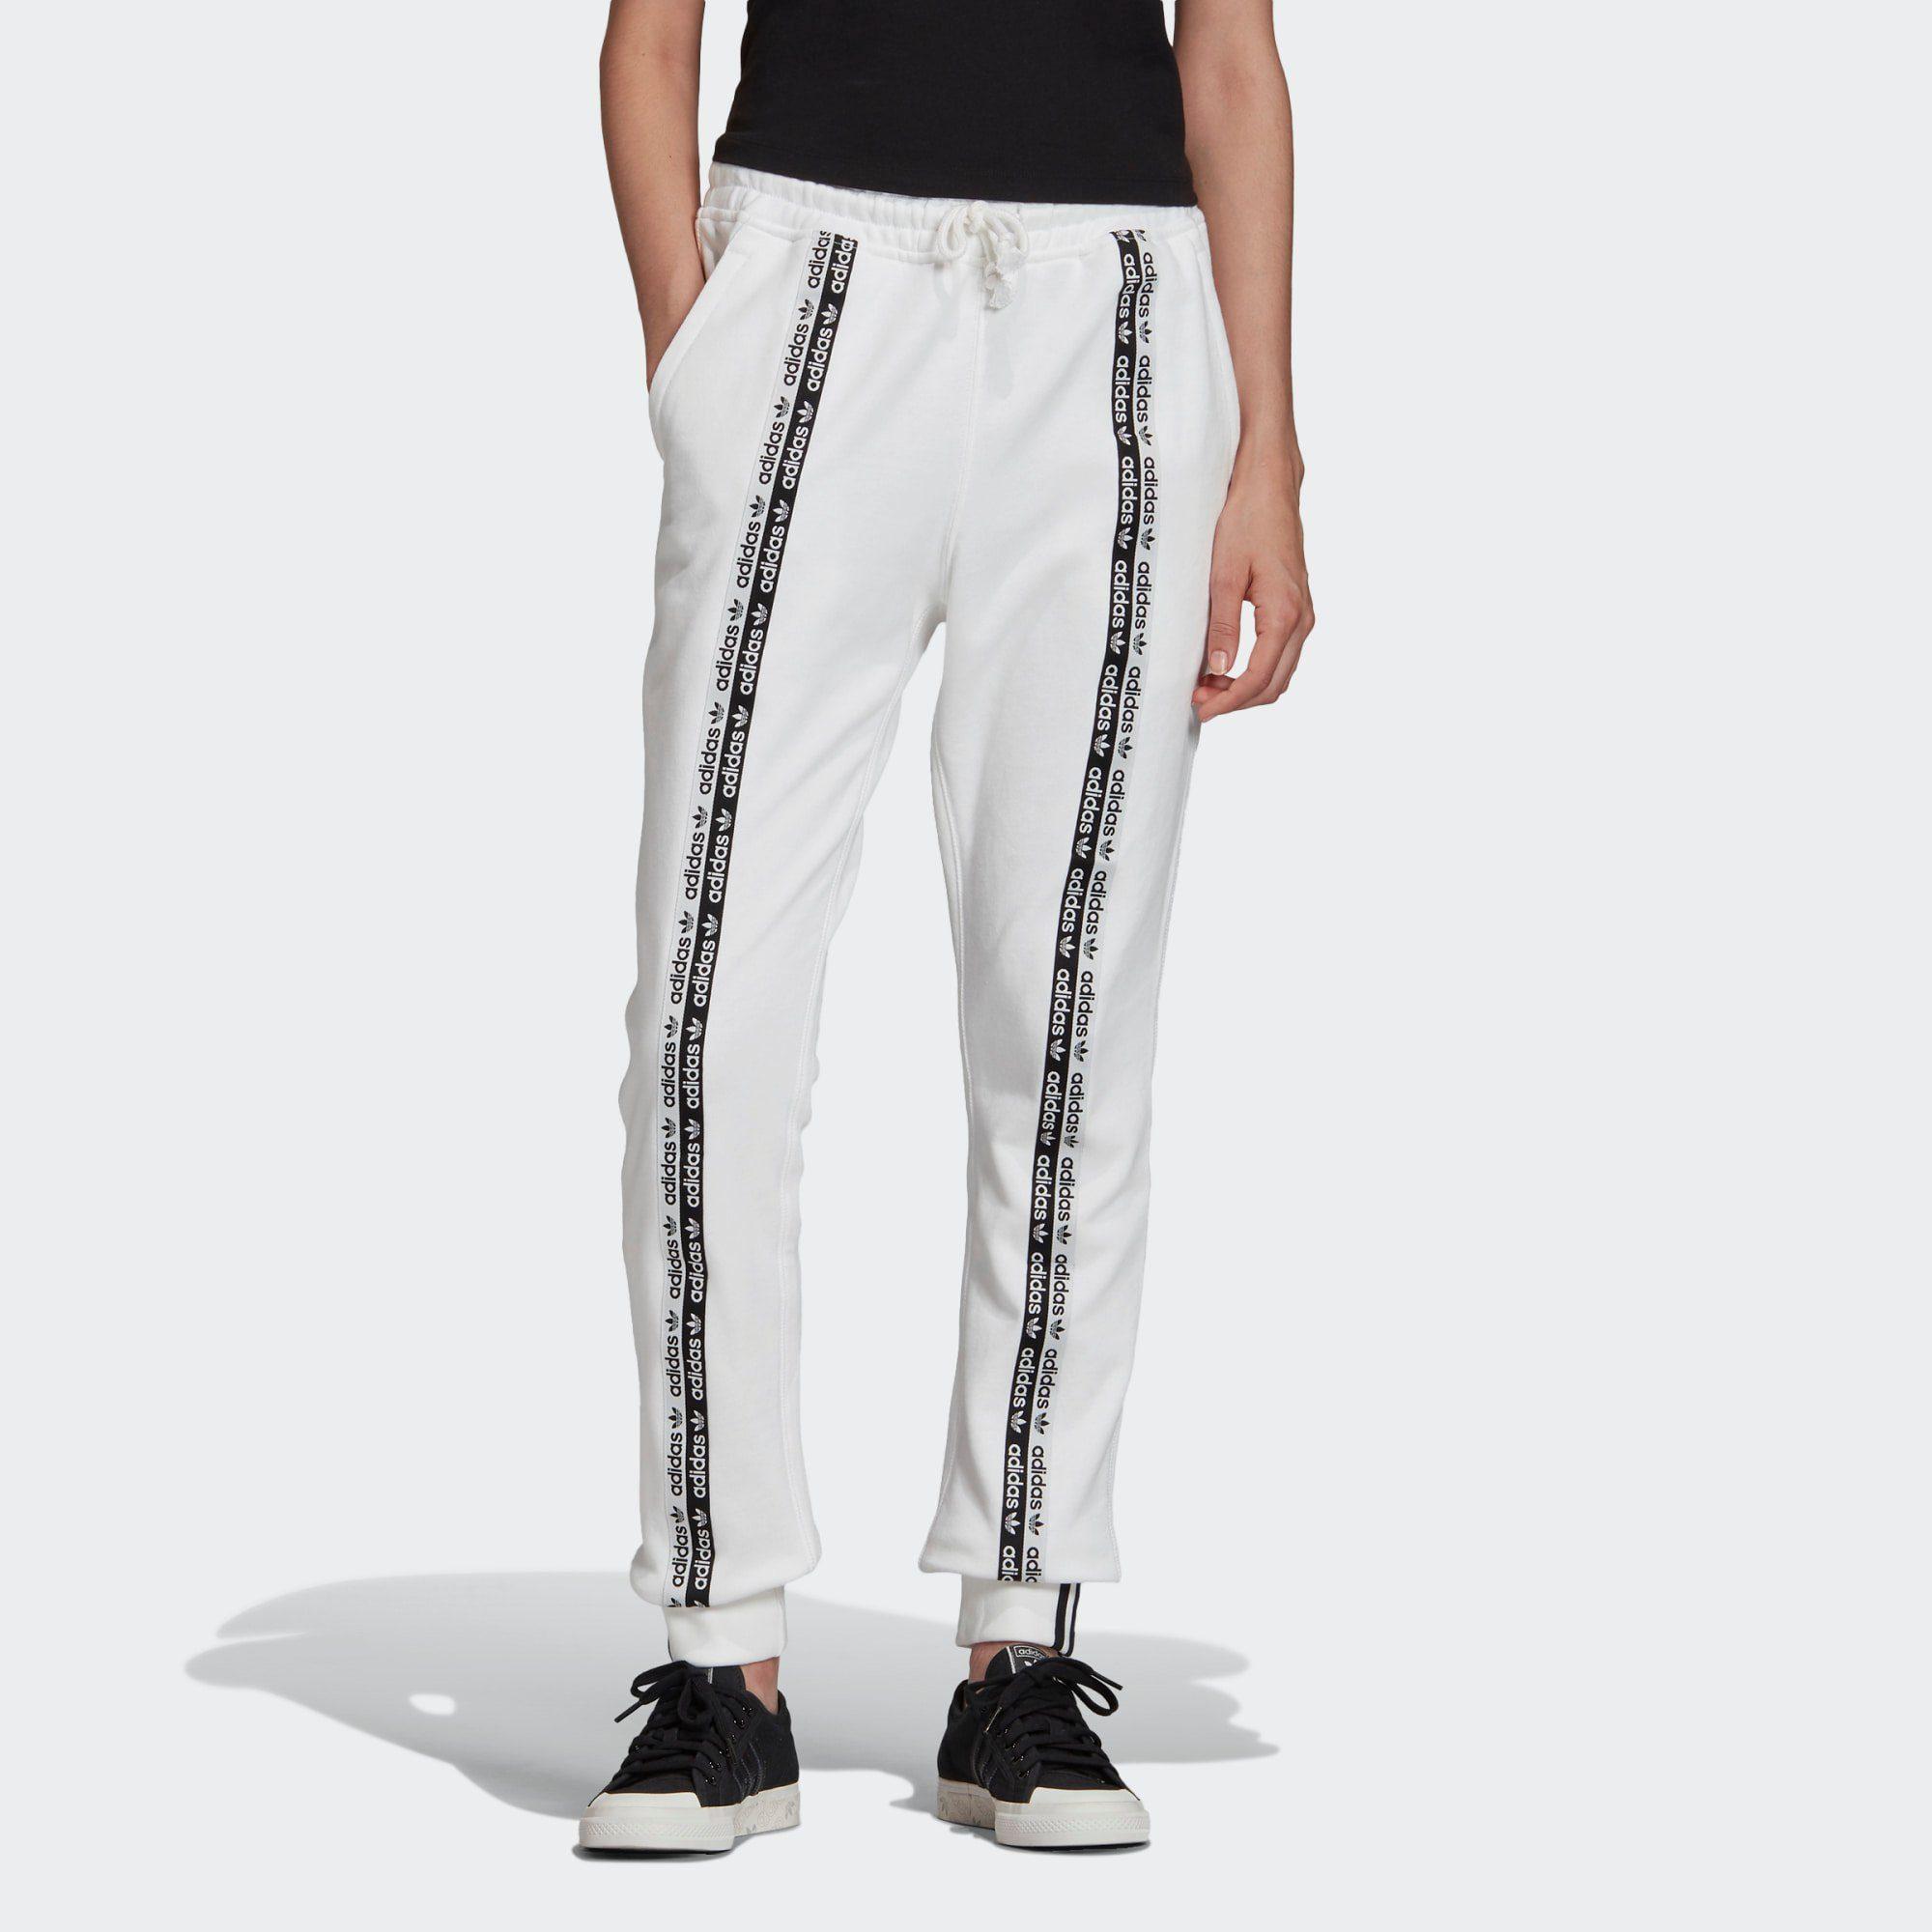 Adidas Workout Hose ab 19,98 € | Preisvergleich bei